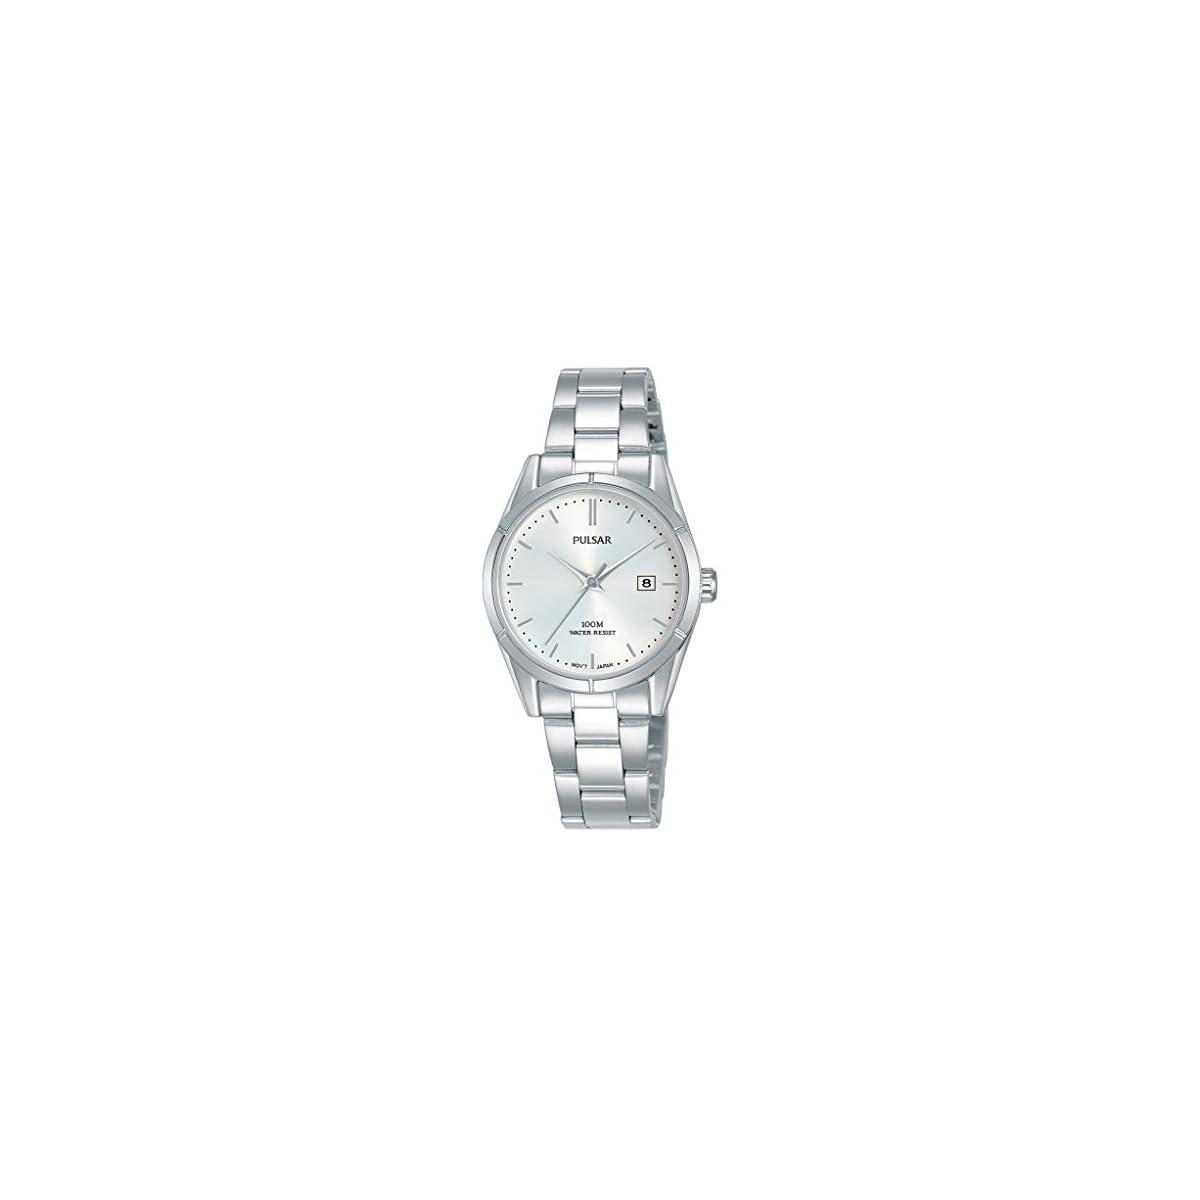 41cpVJMl10L. SS1200  - Seiko Reloj Analógico para Mujer de Cuarzo con Correa en Acero Inoxidable PH7471X1